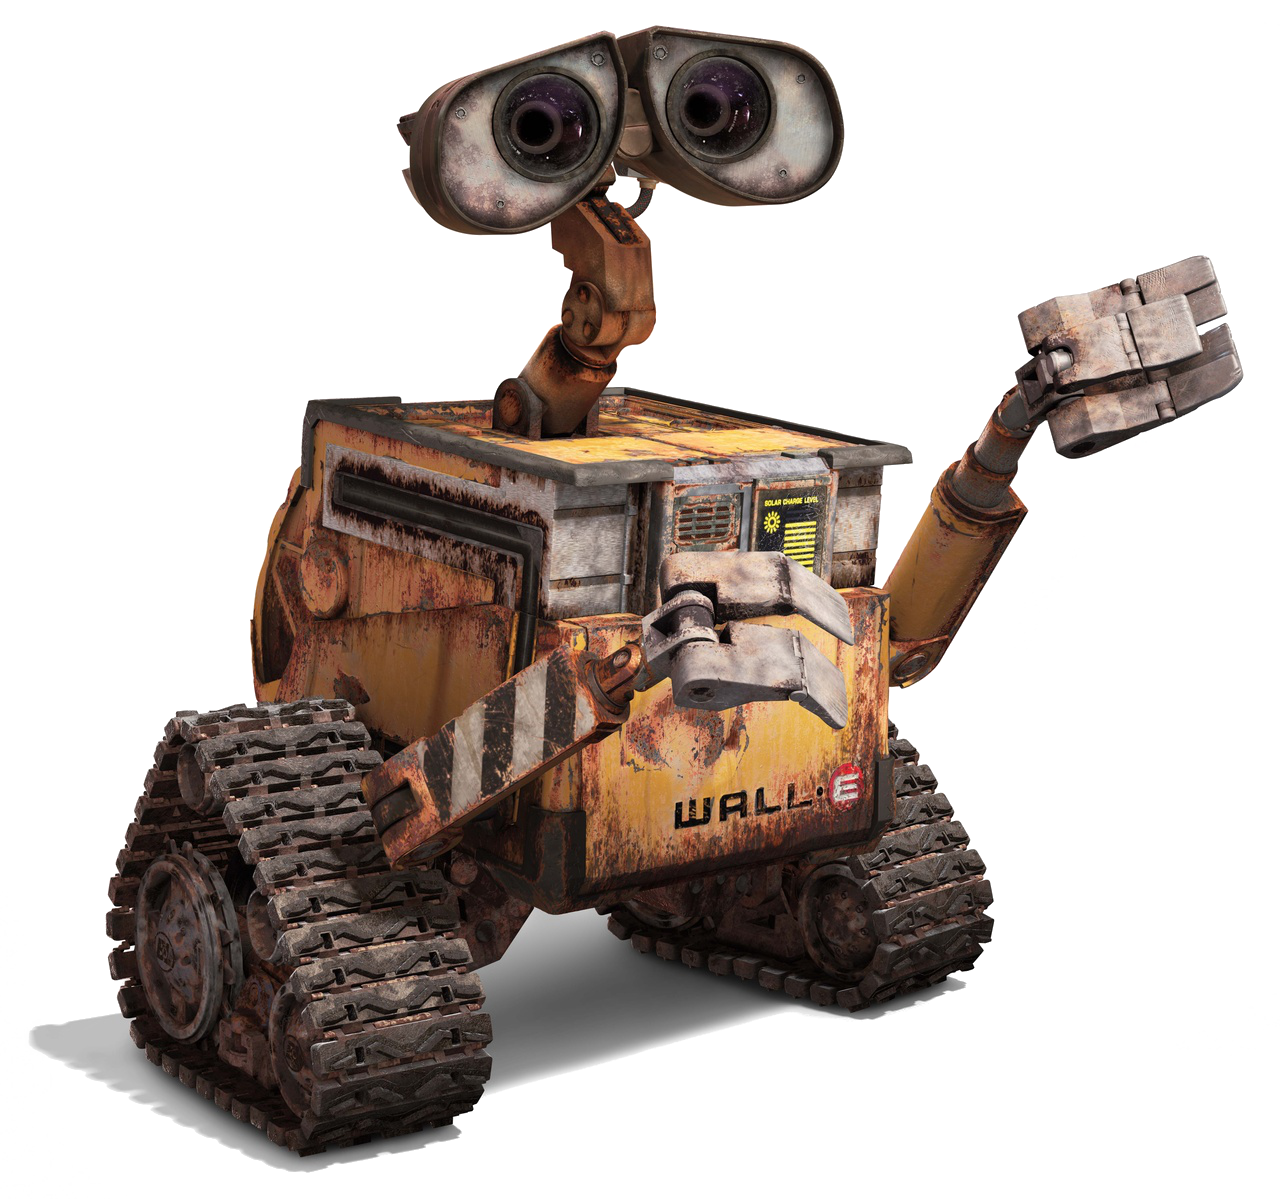 WALL-E (personaggio)